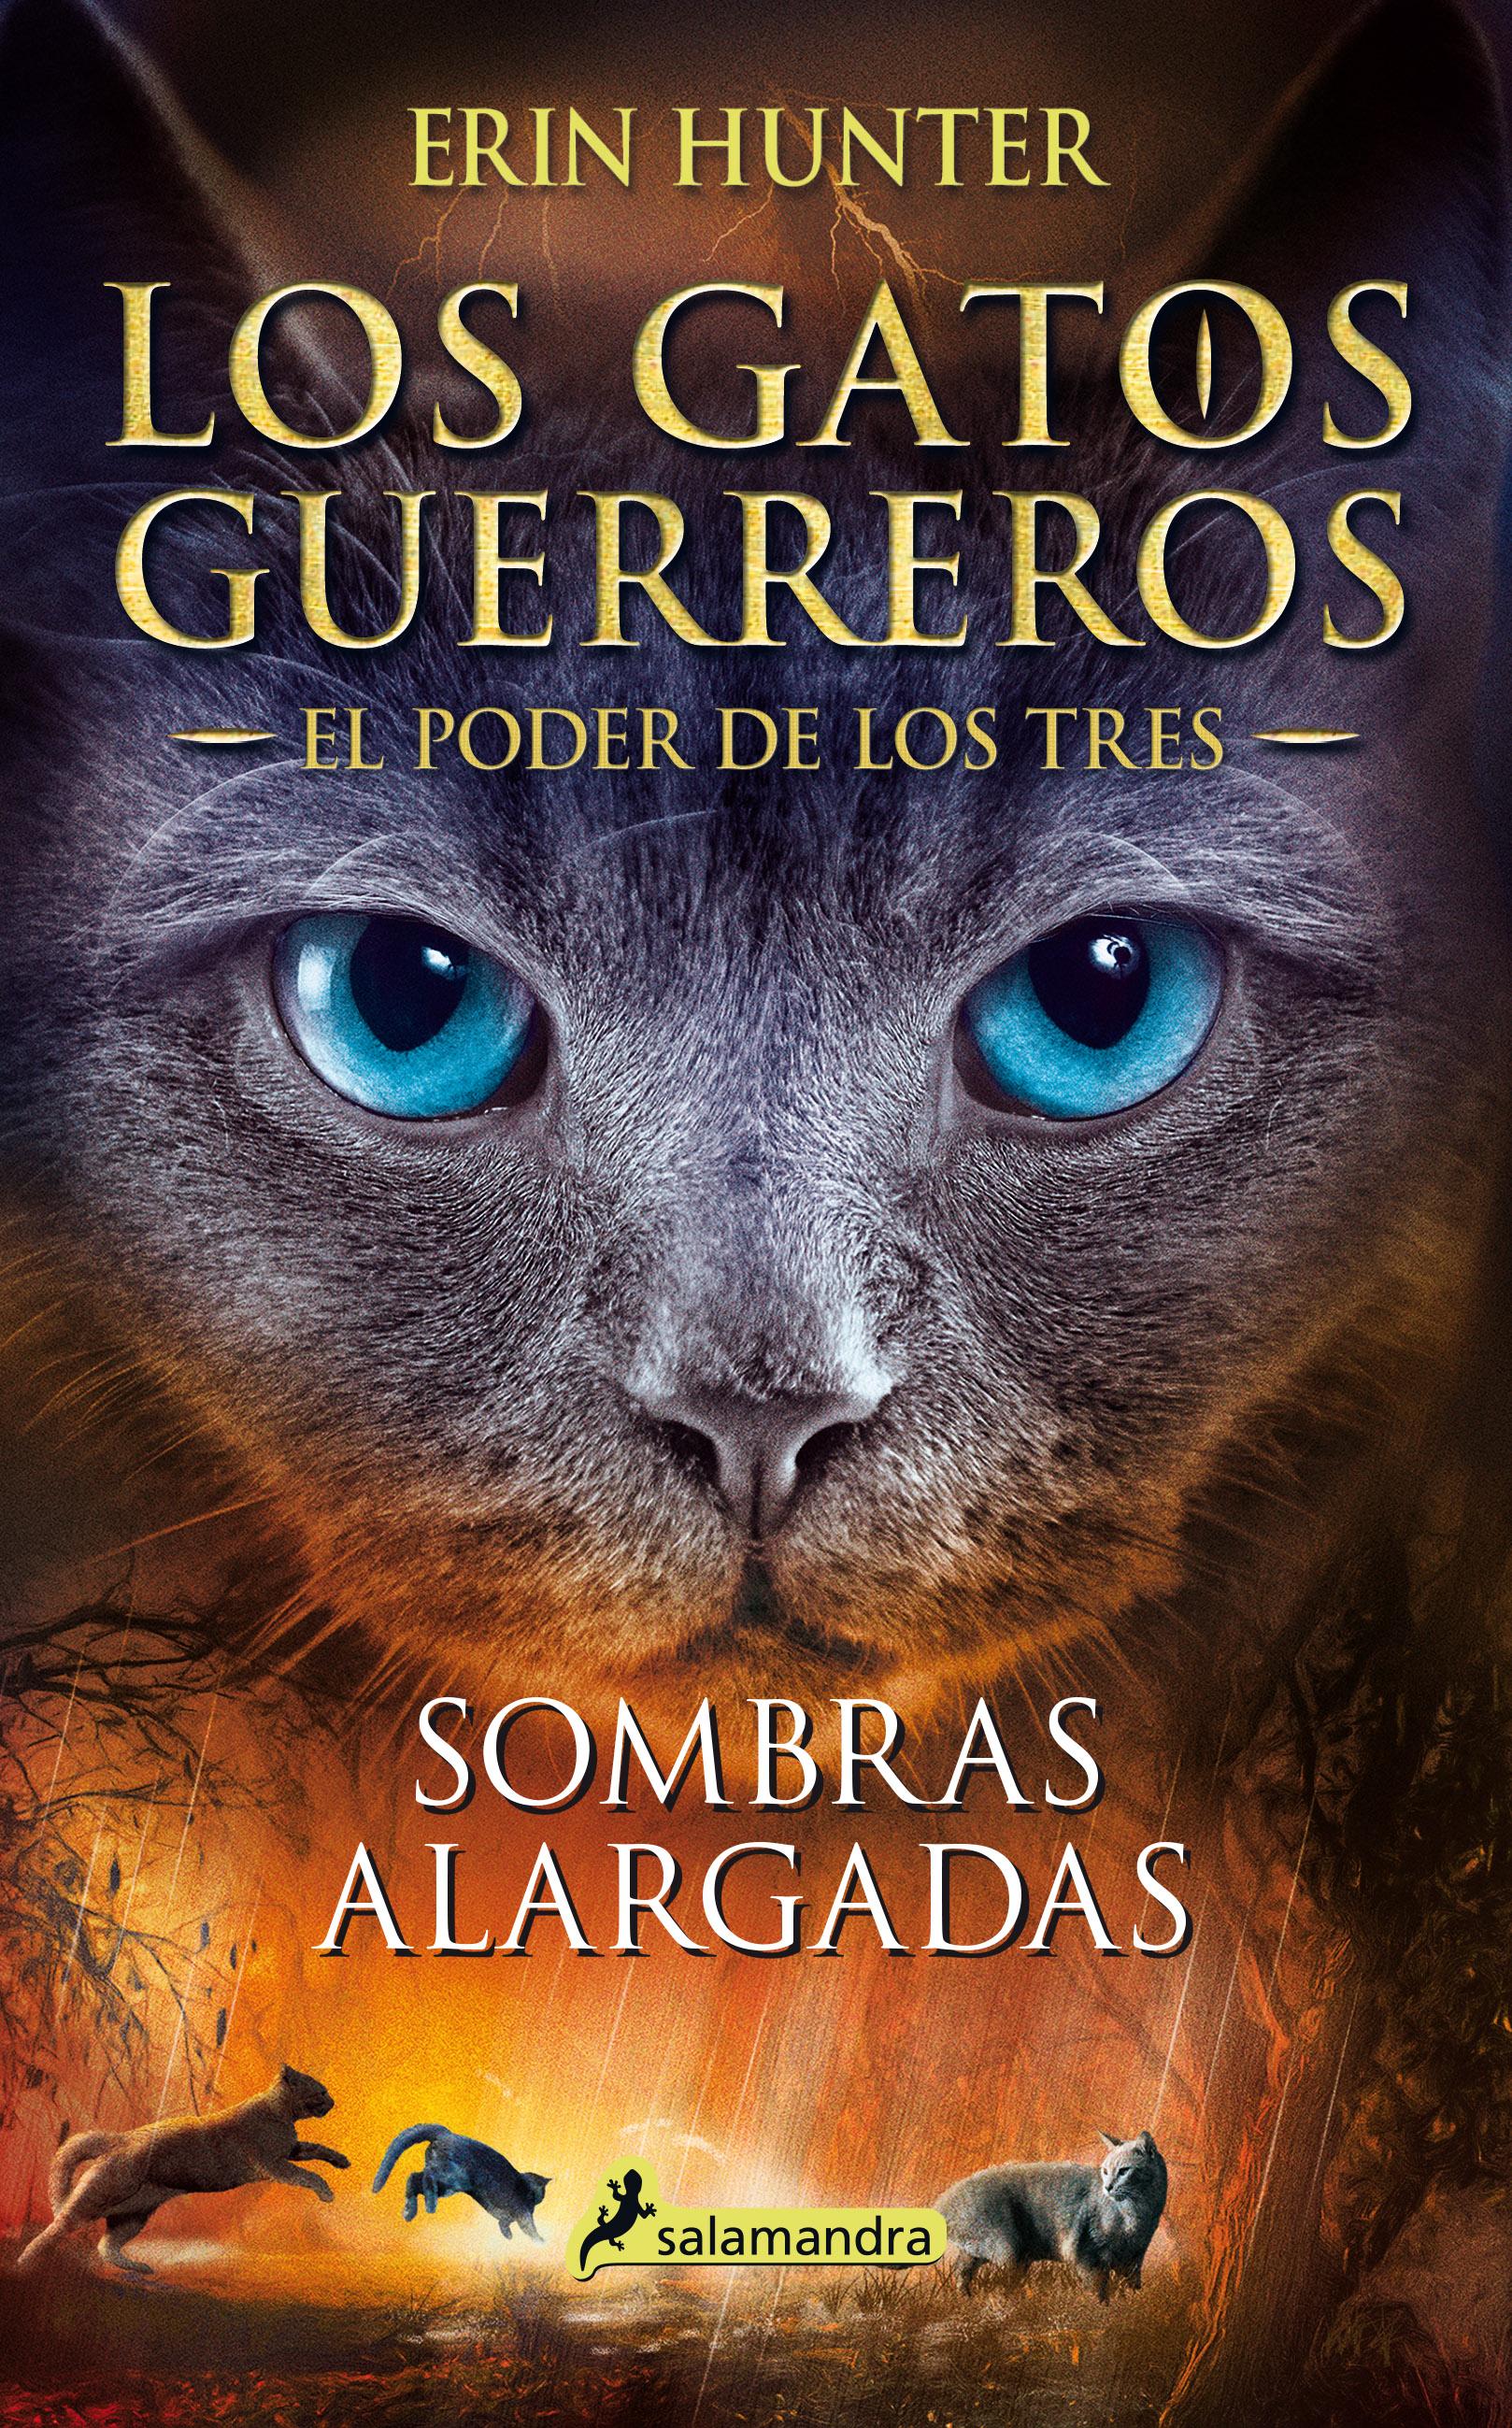 Sombras alargadas/General   Los Gatos Guerreros Wiki   Fandom